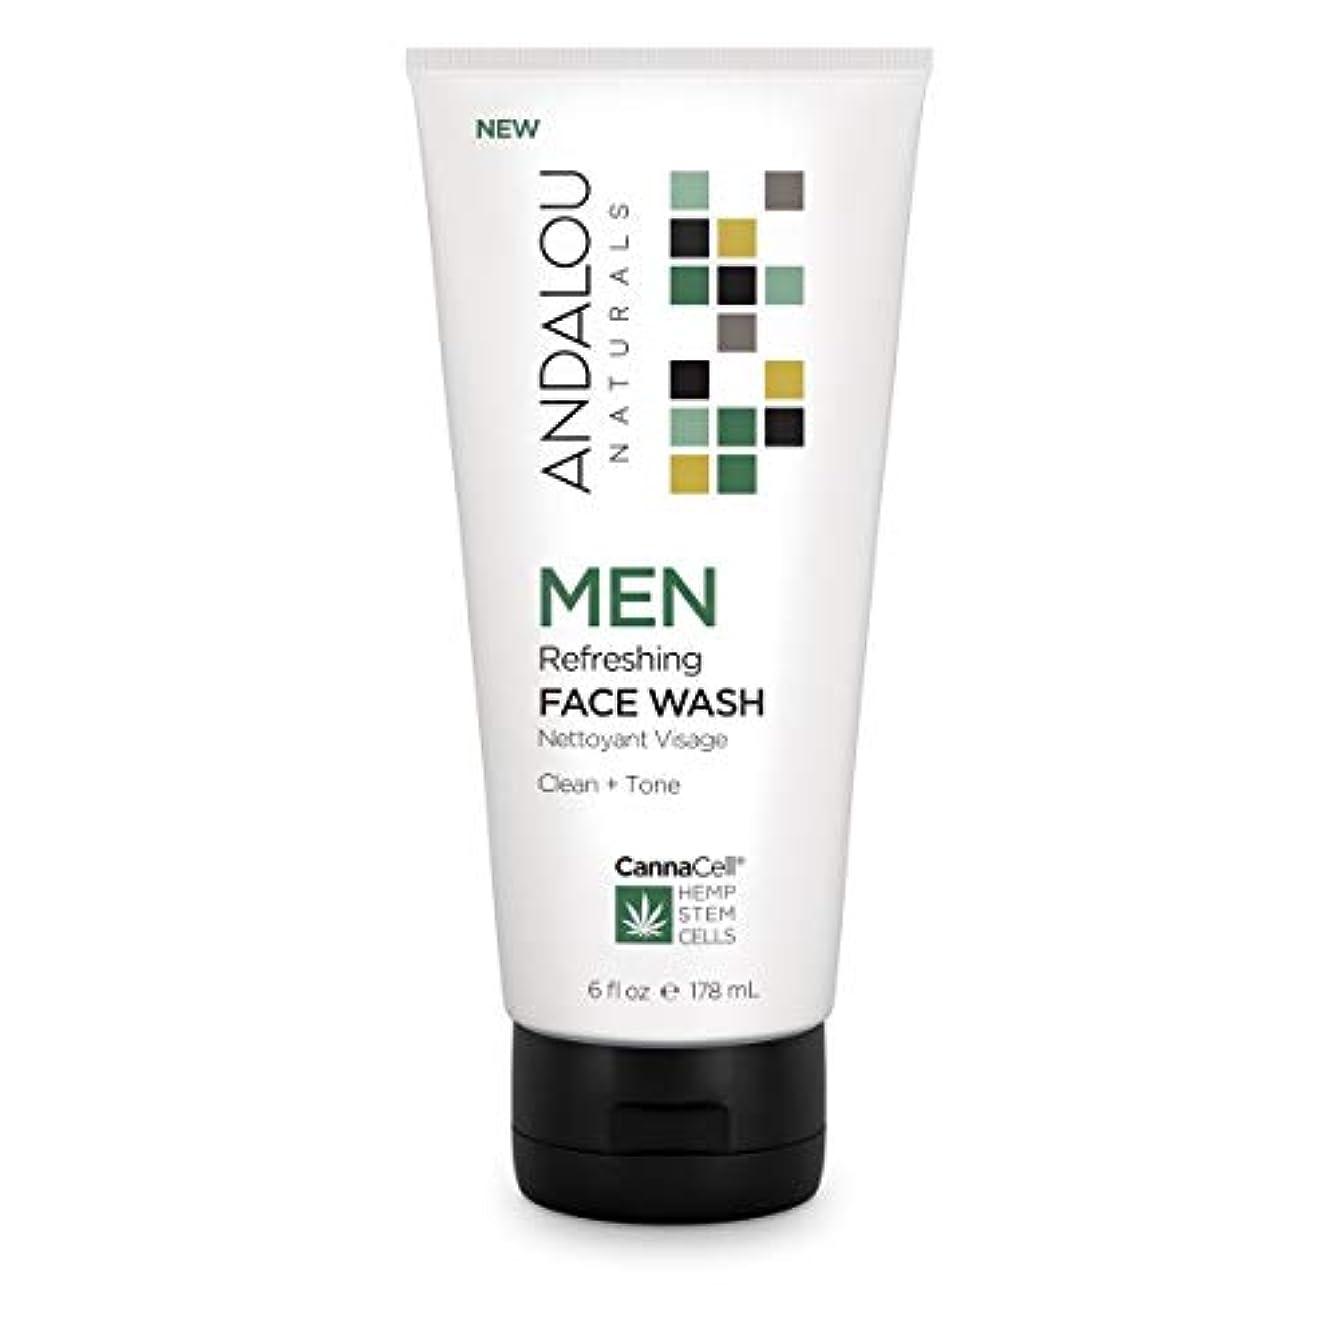 時間とともに彼ら対オーガニック ボタニカル 洗顔料 洗顔フォーム ナチュラル フルーツ幹細胞 ヘンプ幹細胞 「 MEN リフレッシングフェイスウォッシュ 」 ANDALOU naturals アンダルー ナチュラルズ